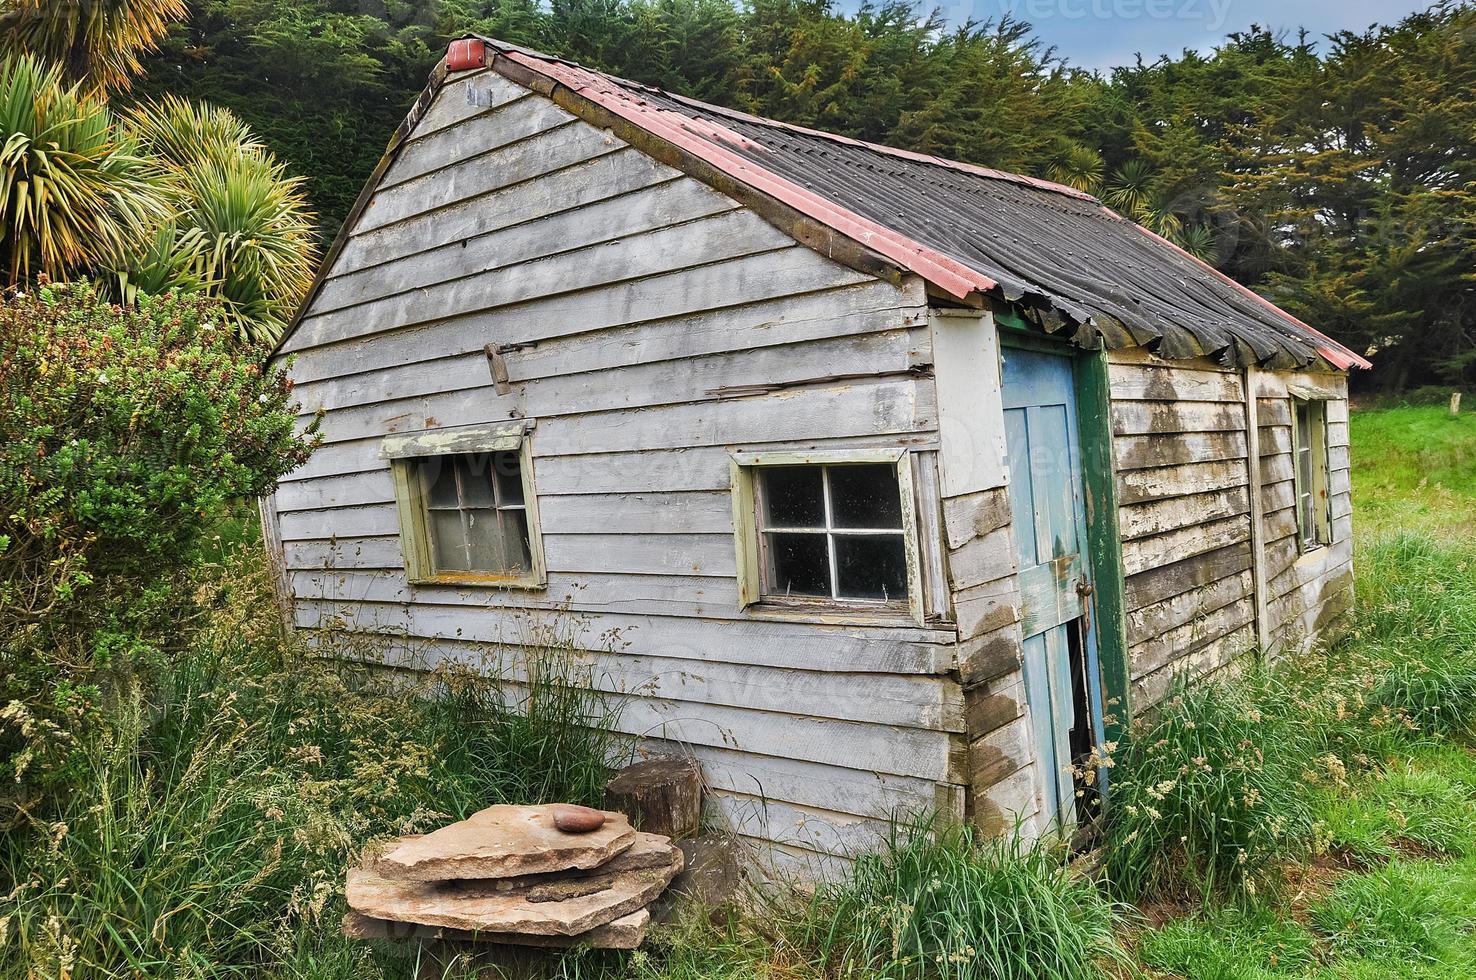 velha cabana de madeira velha na floresta foto